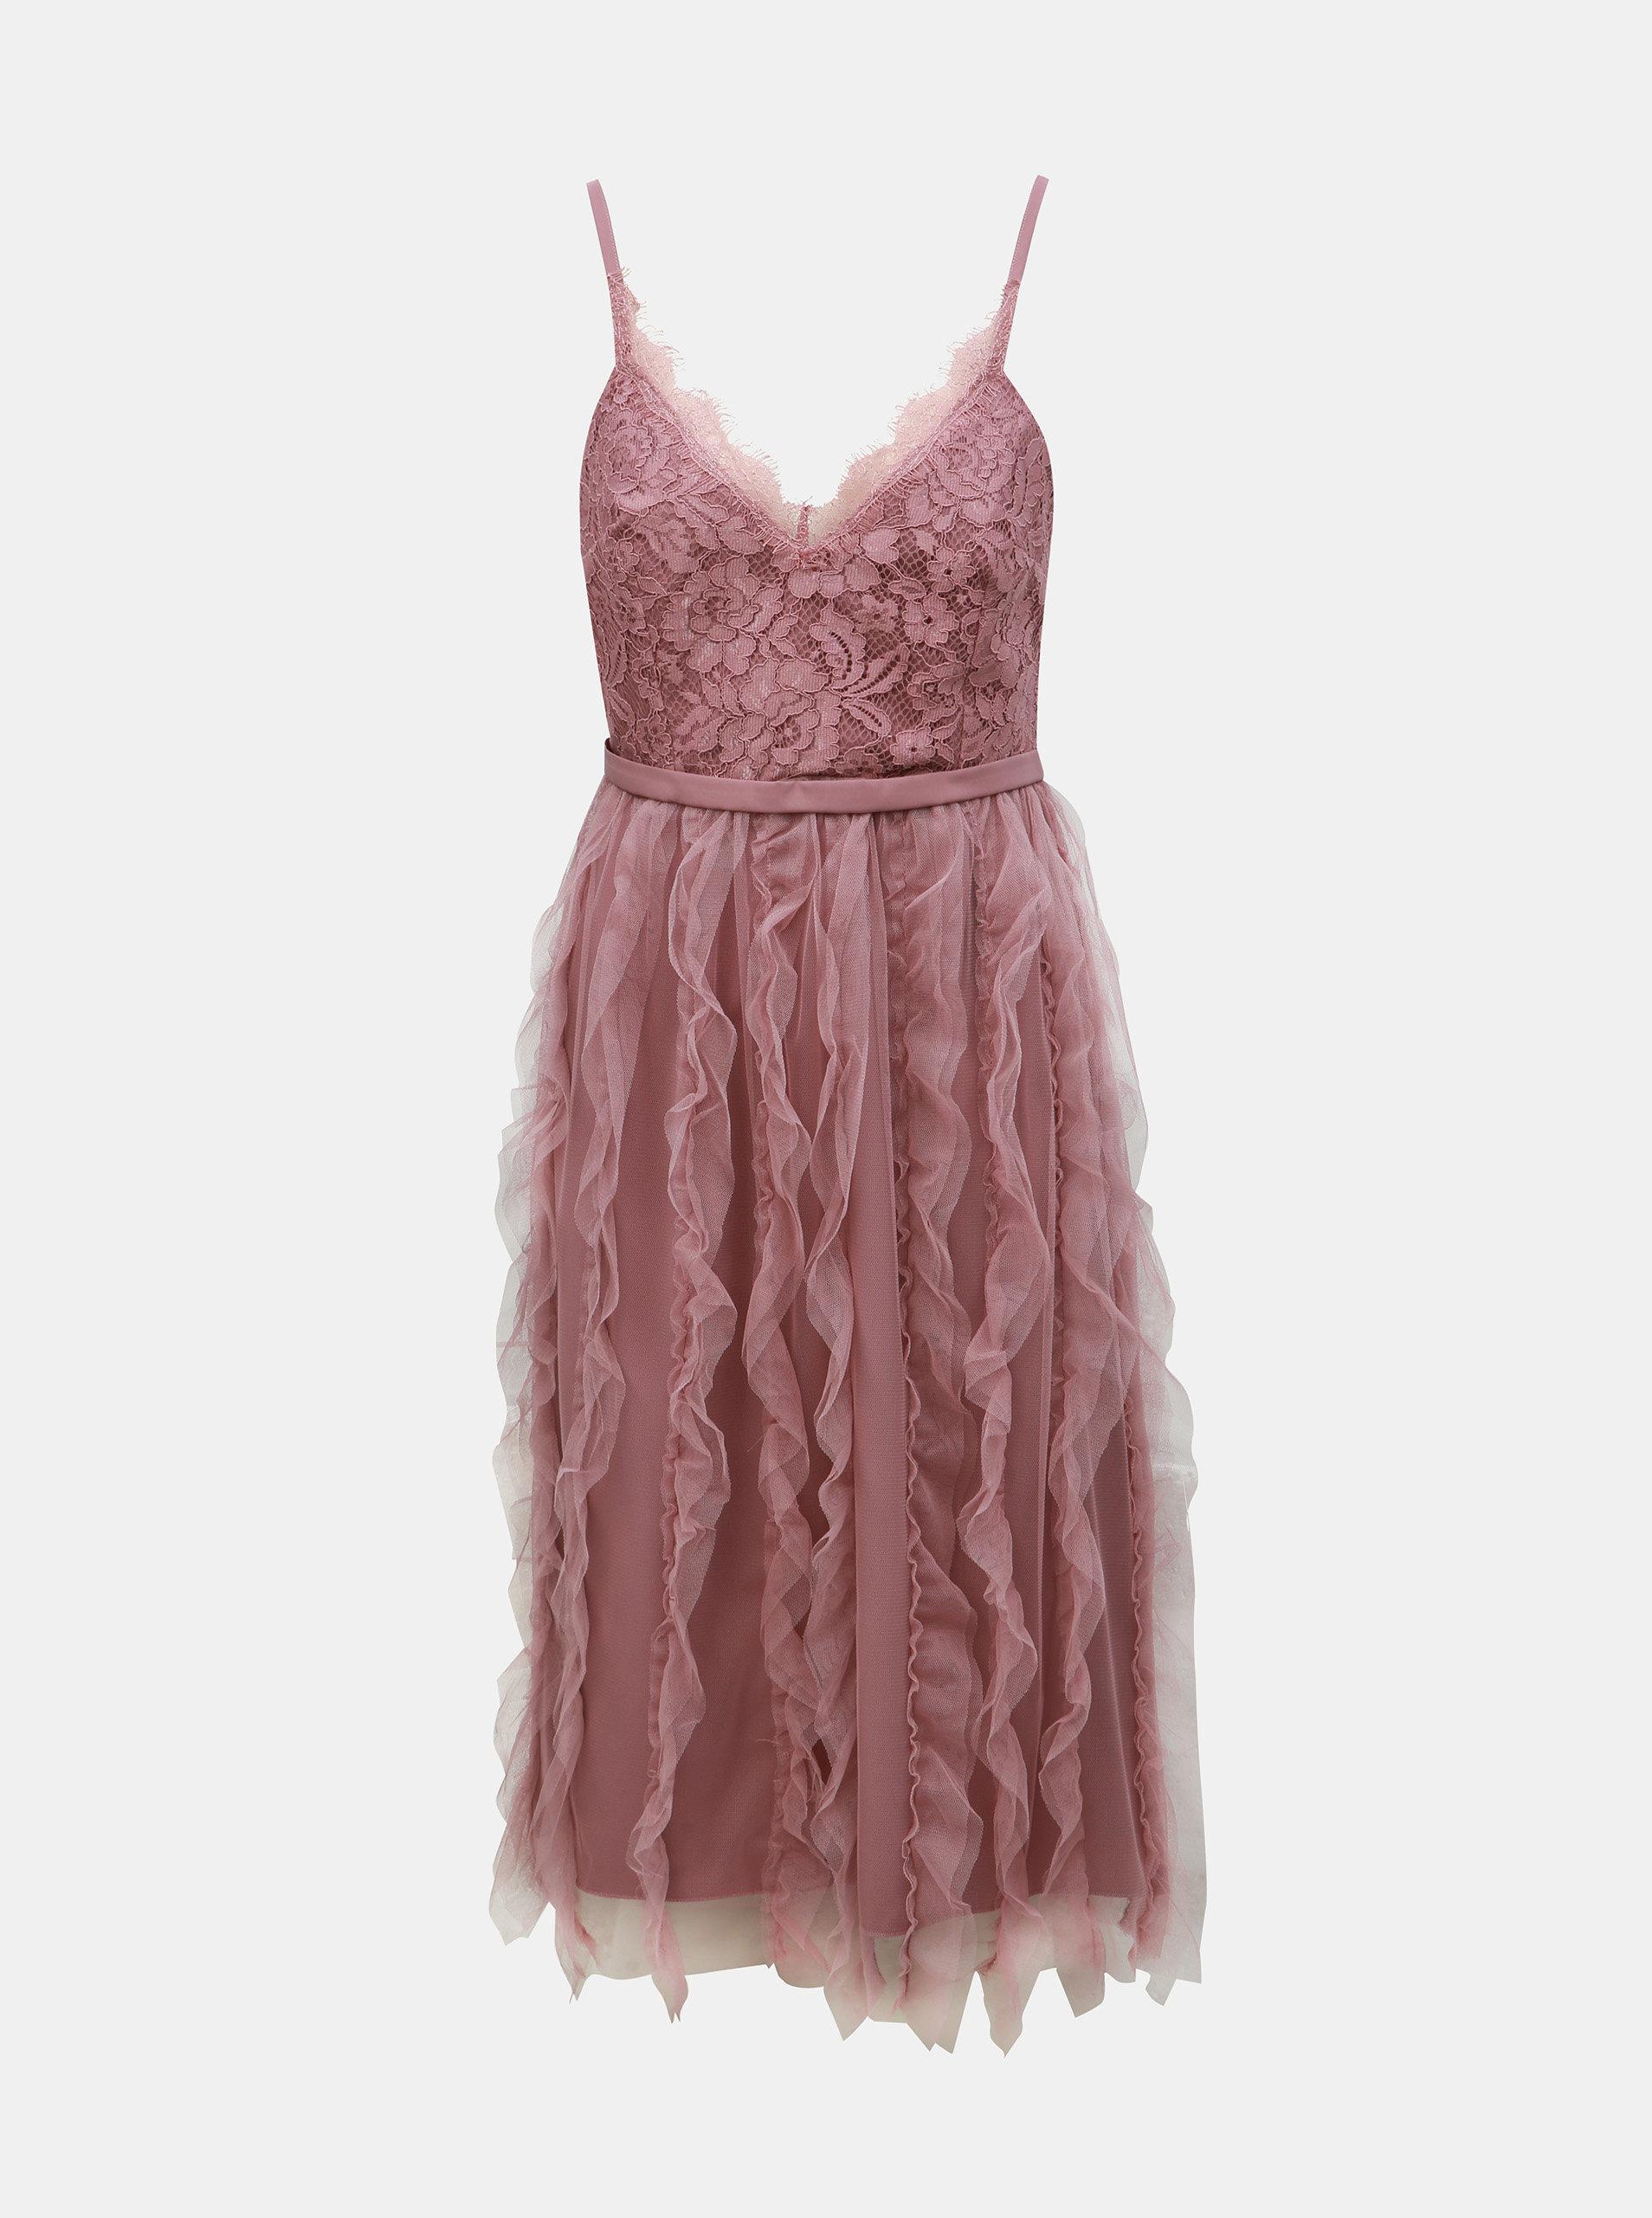 43357de33531 Staroružové šaty na ramienka s čipkou Little Mistress ...